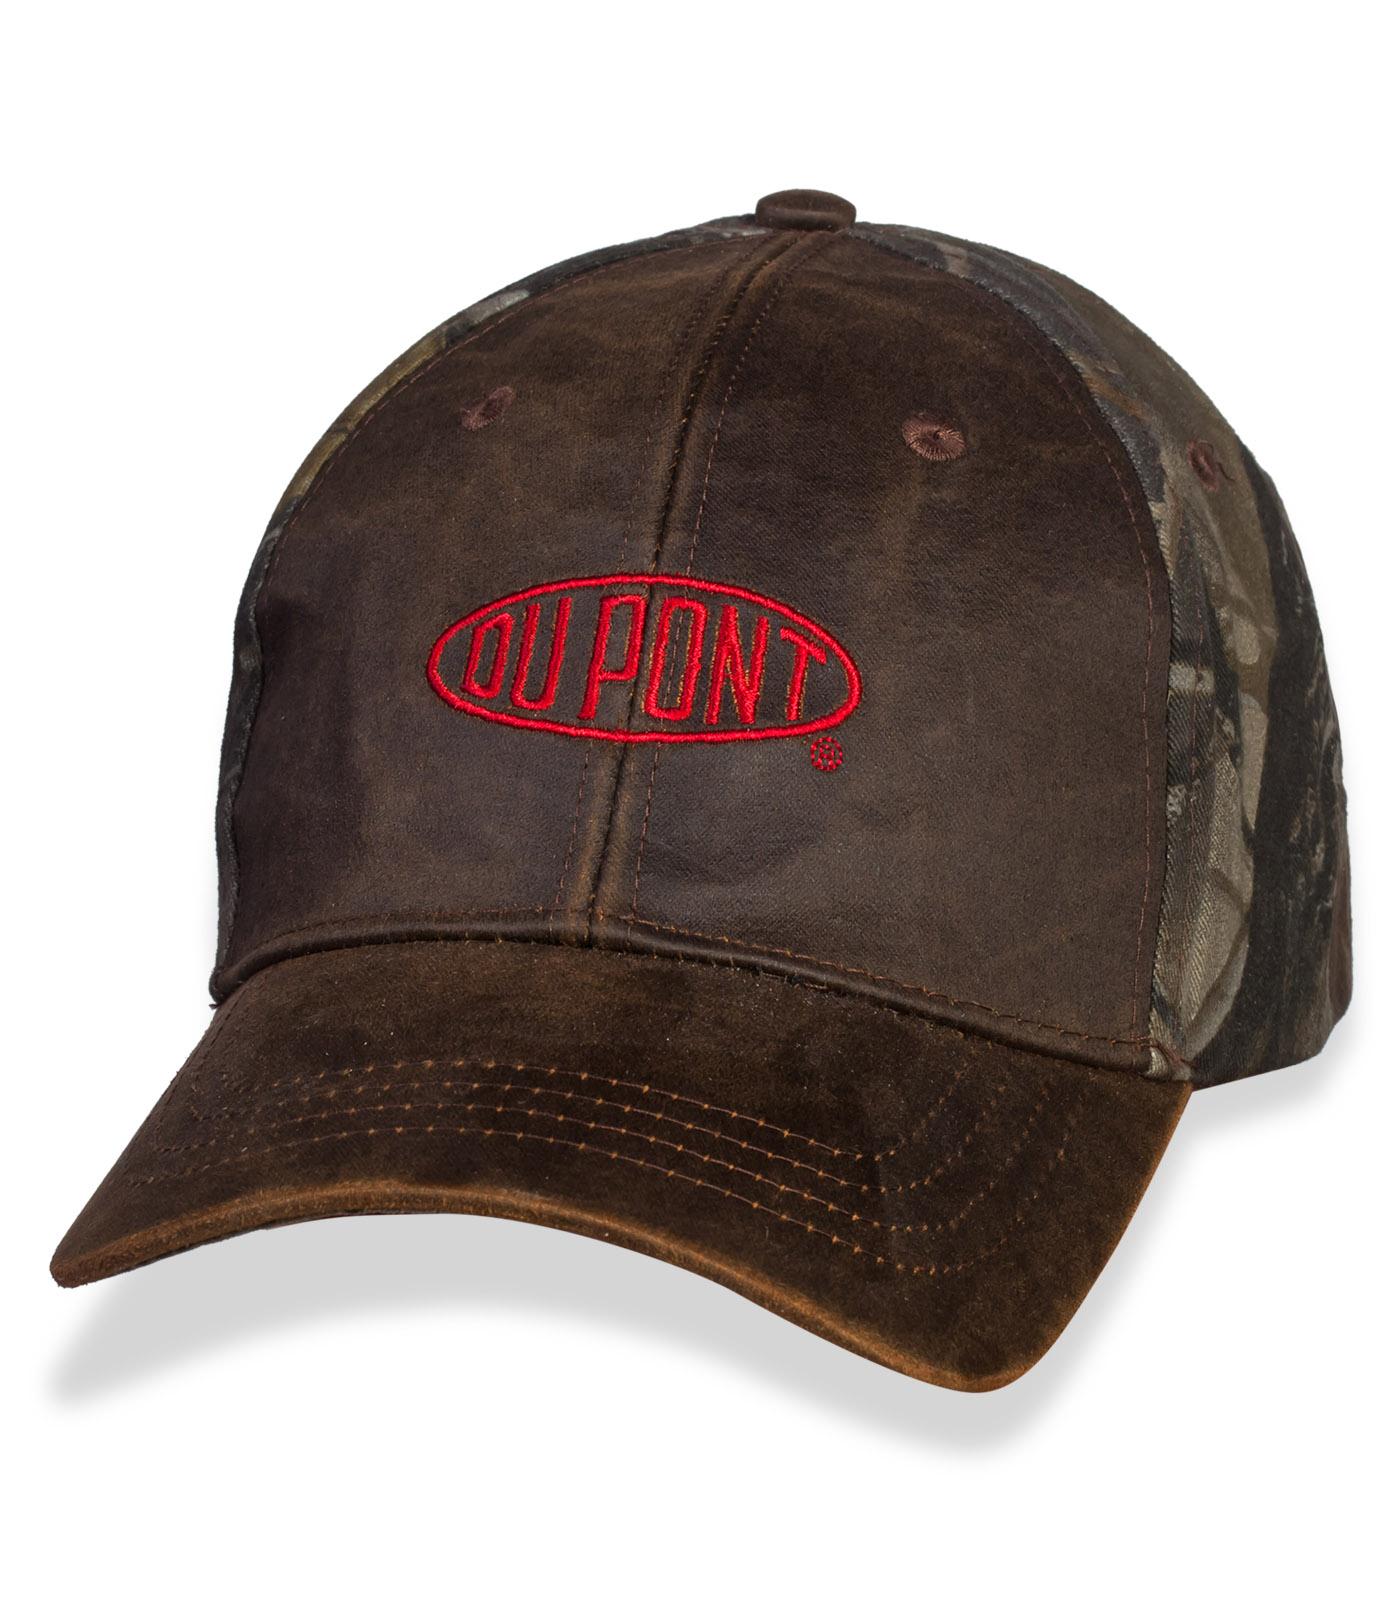 Мужская милитари кепка DuPont.